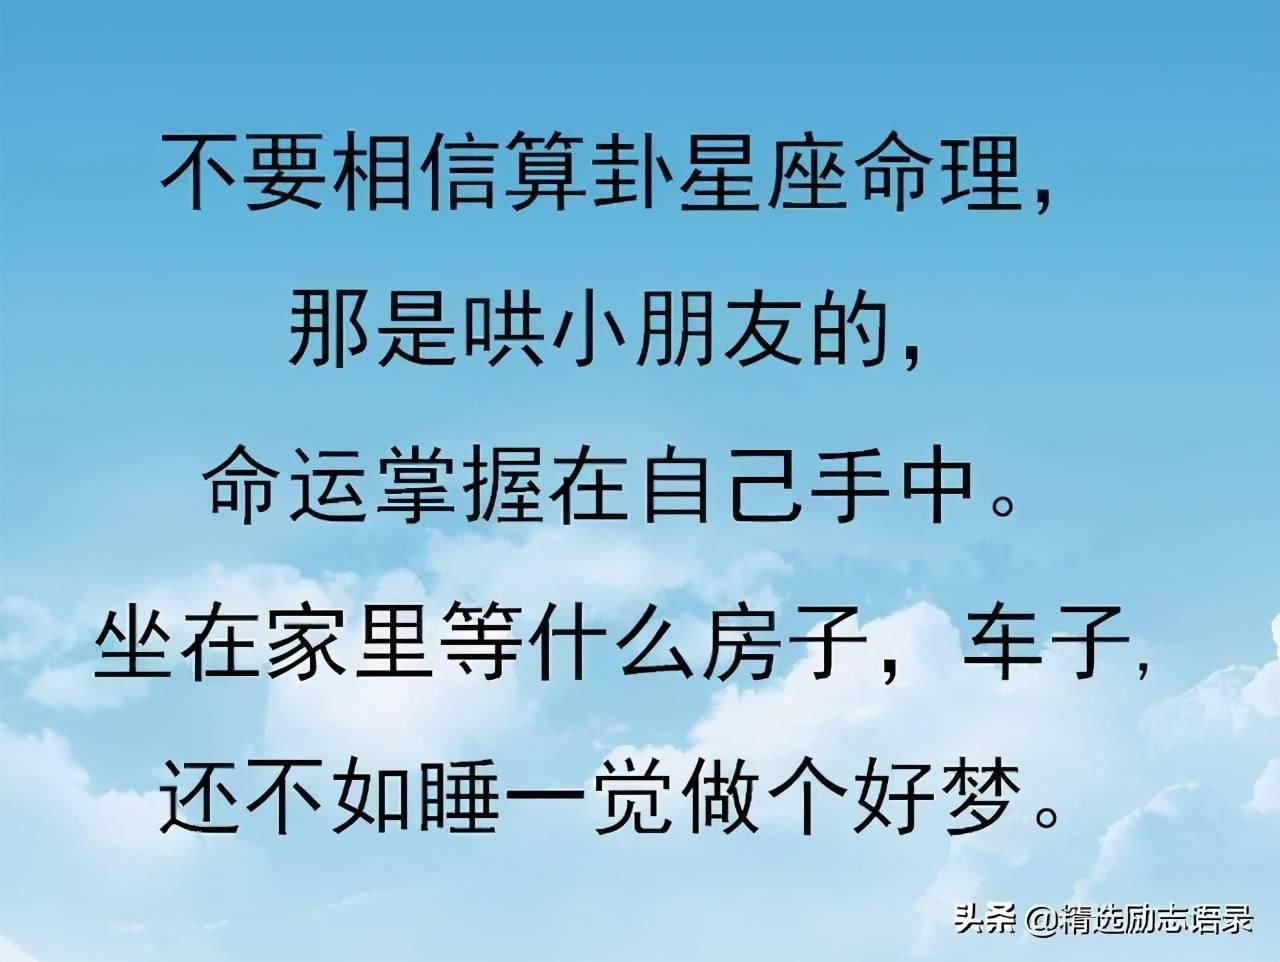 当你被人看不起时,谨记鬼谷子的建议:人不狠,站不稳!学会这句话,助你步步高升